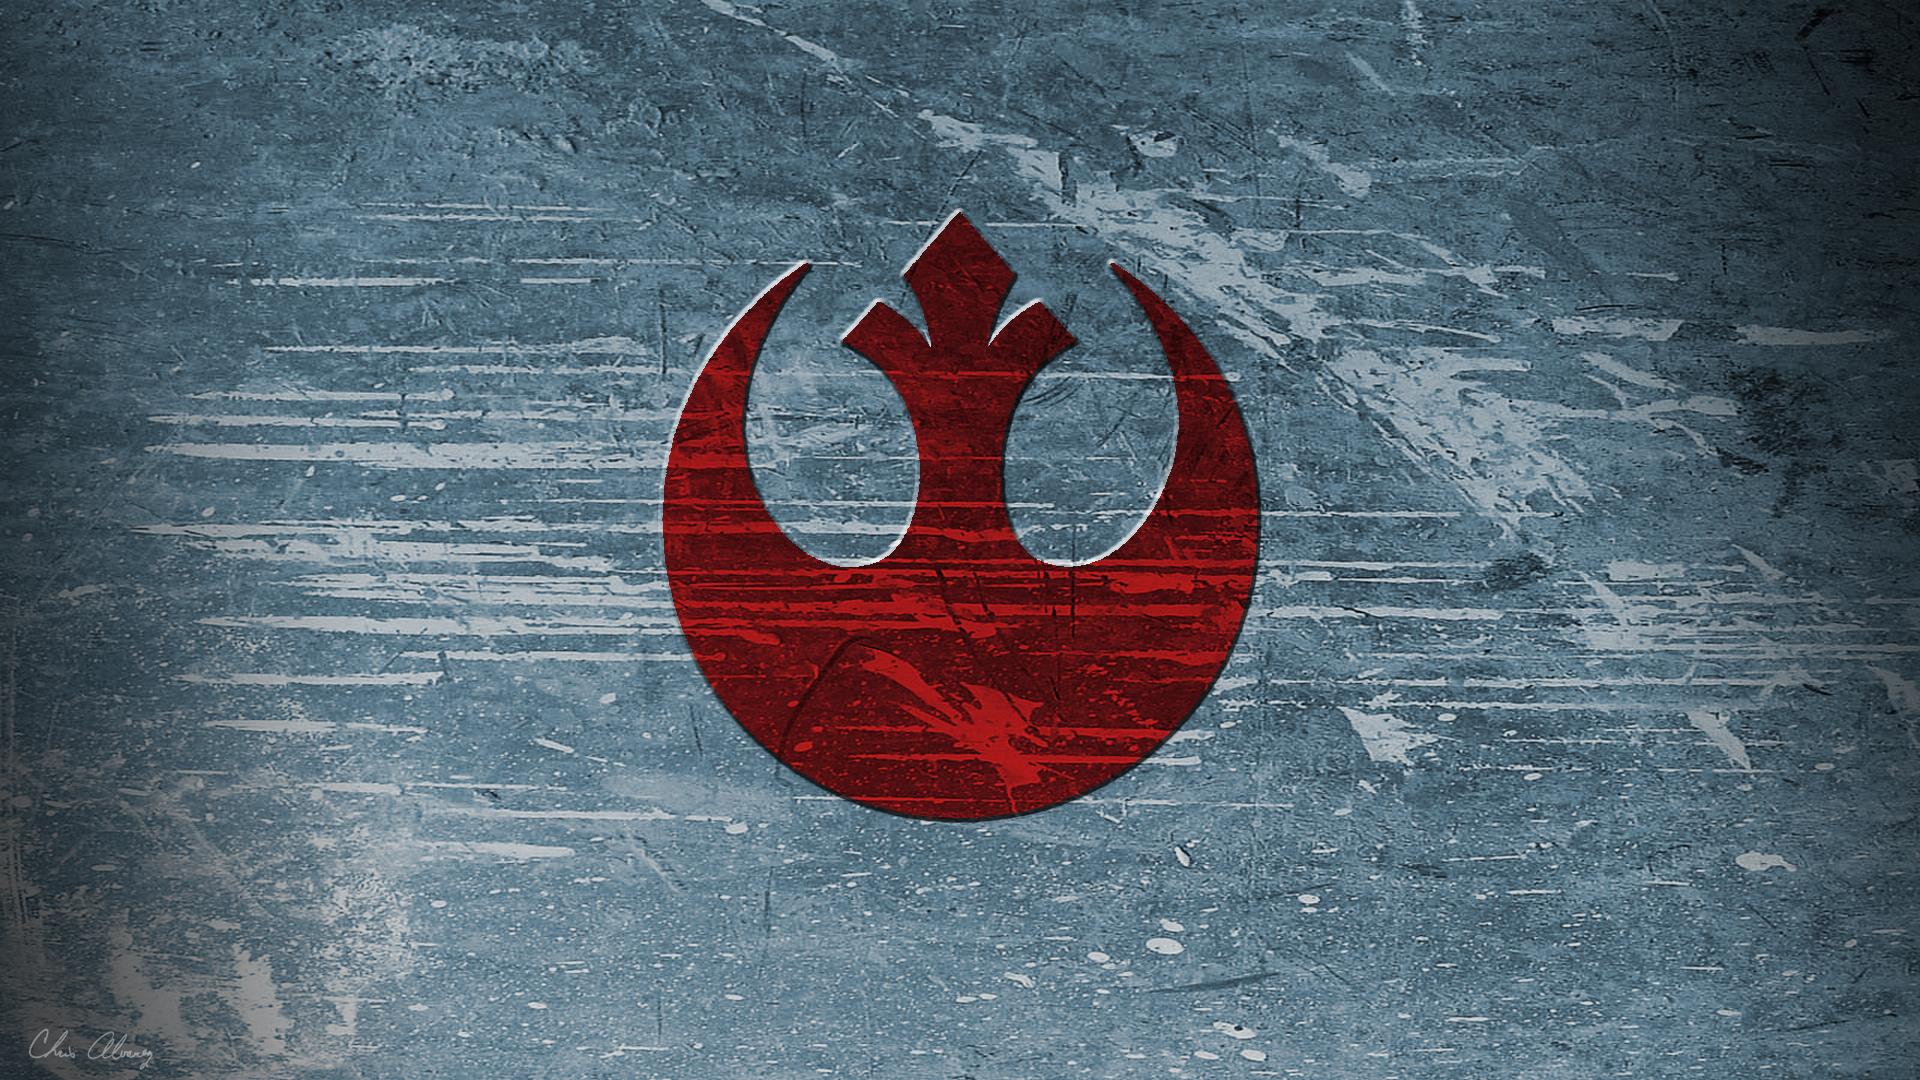 Rebel Symbol wallpaper at 1920x1080